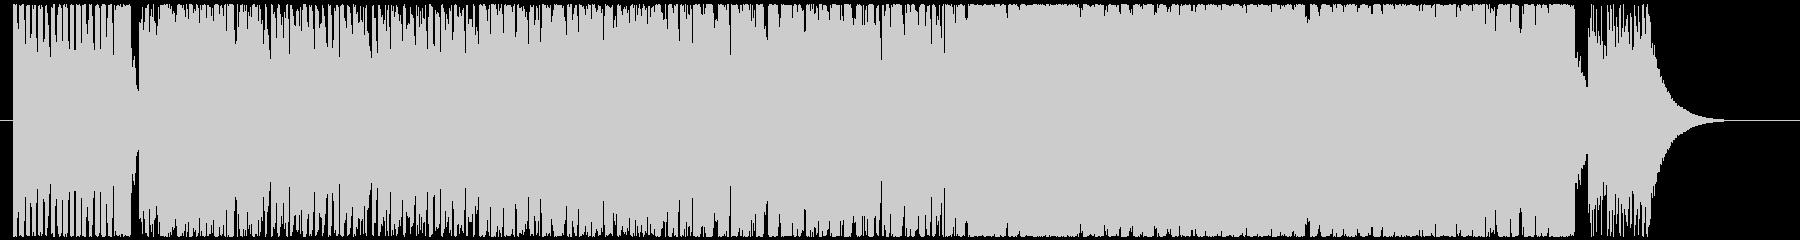 昭和歌謡+αインストゥルメンタルの未再生の波形